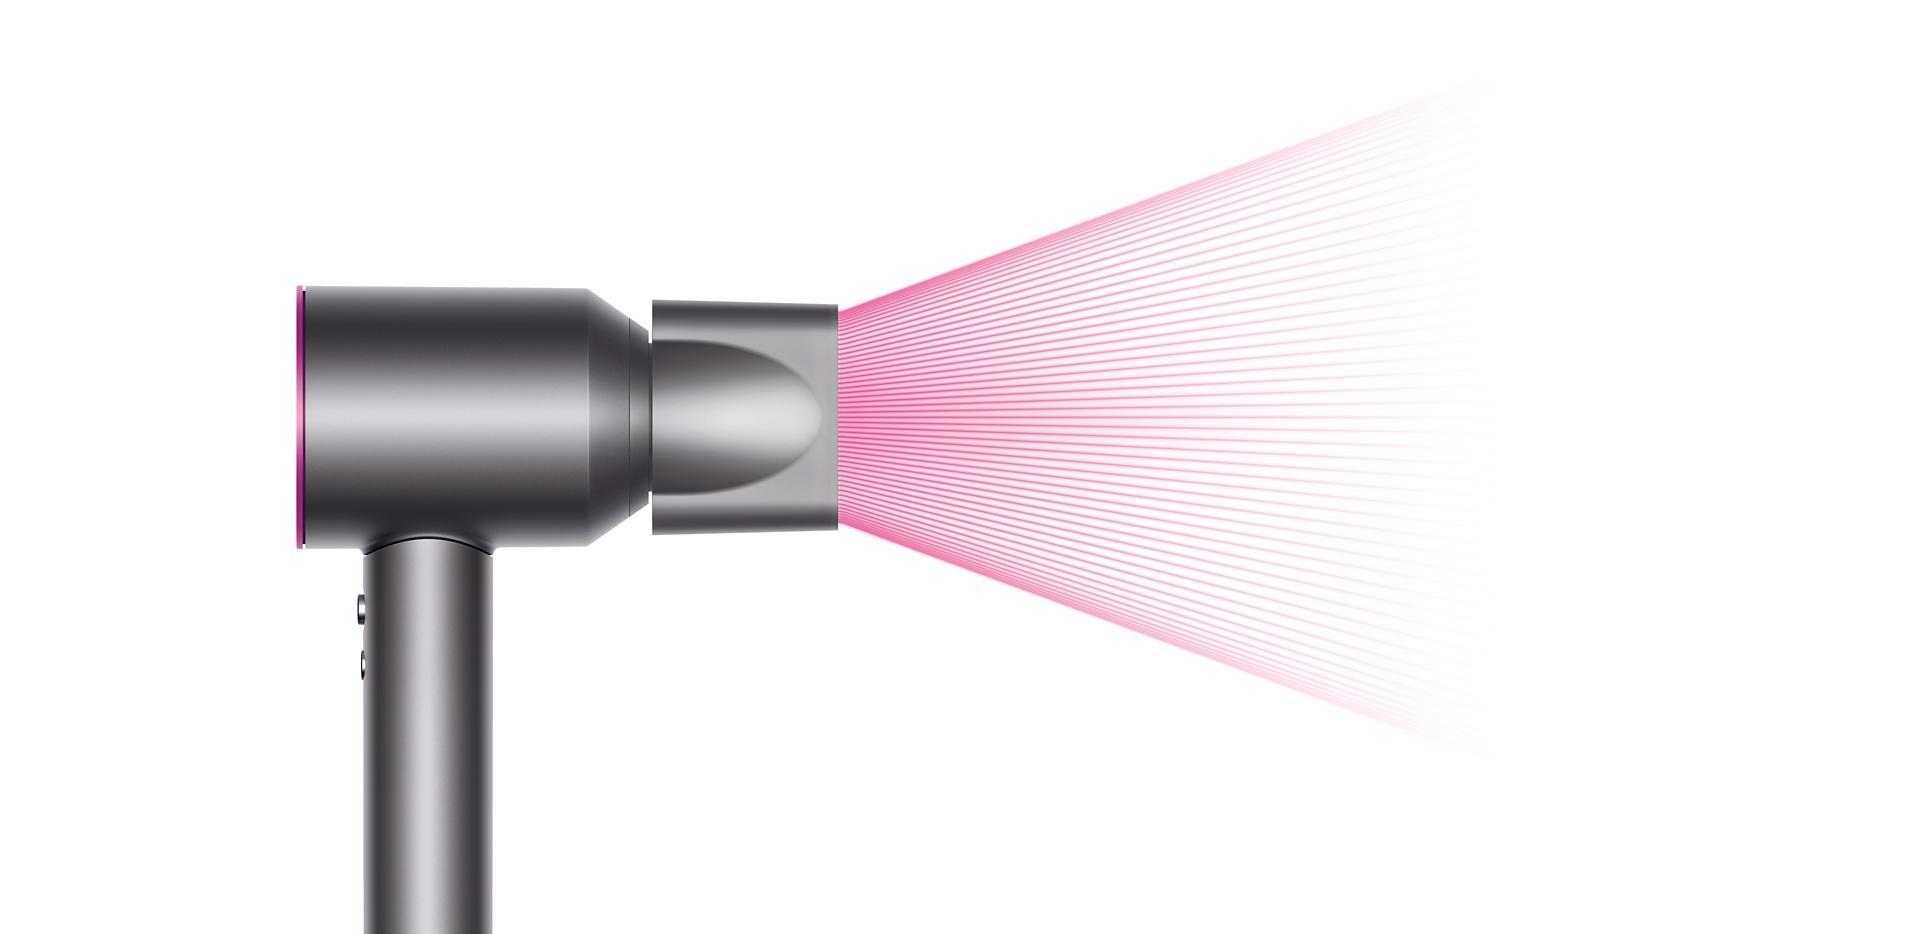 Difüzör başlık aparatı ile birlikte Dyson Supersonic ™ saç kurutma makinesi